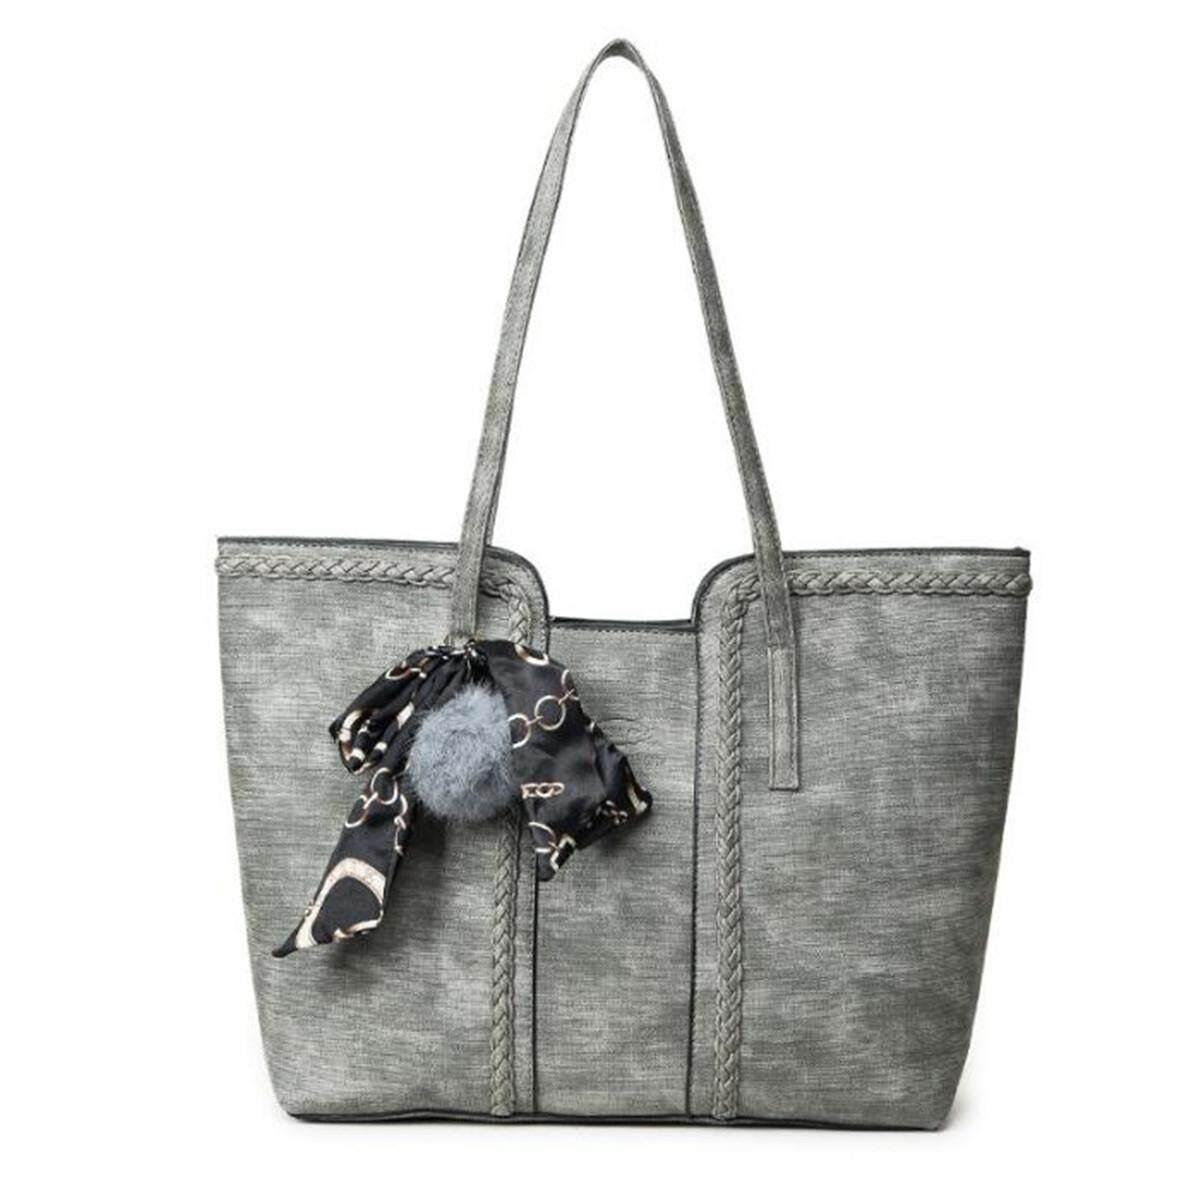 Spesifikasi Women Leather Handbag Shoulder Bag Messenger Satchel Tote Crossbody Bags Intl Bagus